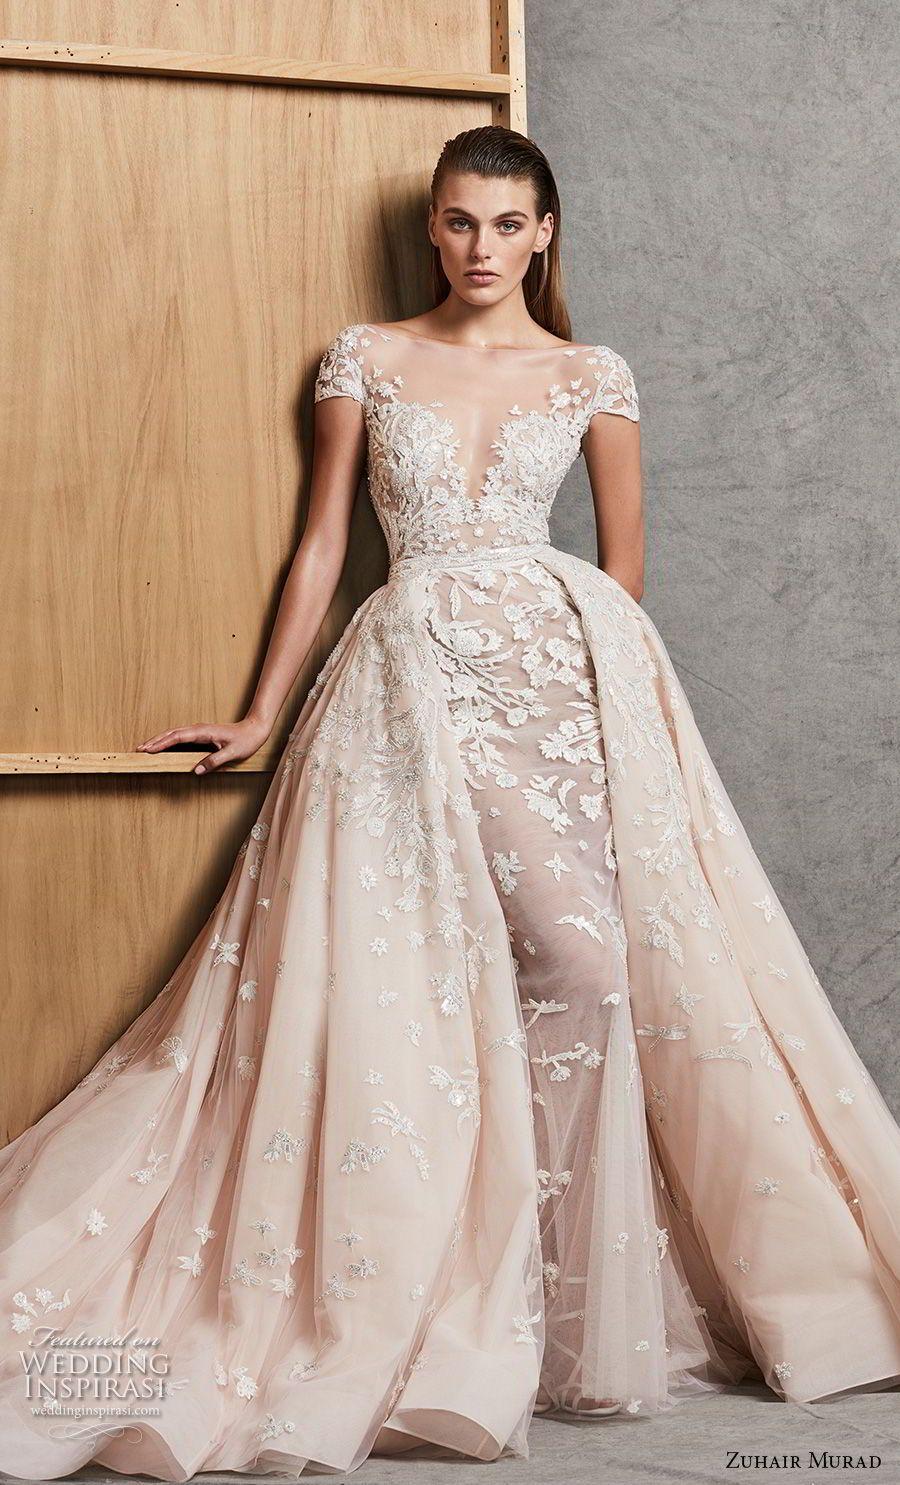 Zuhair murad fall wedding dresses f gowns pinterest